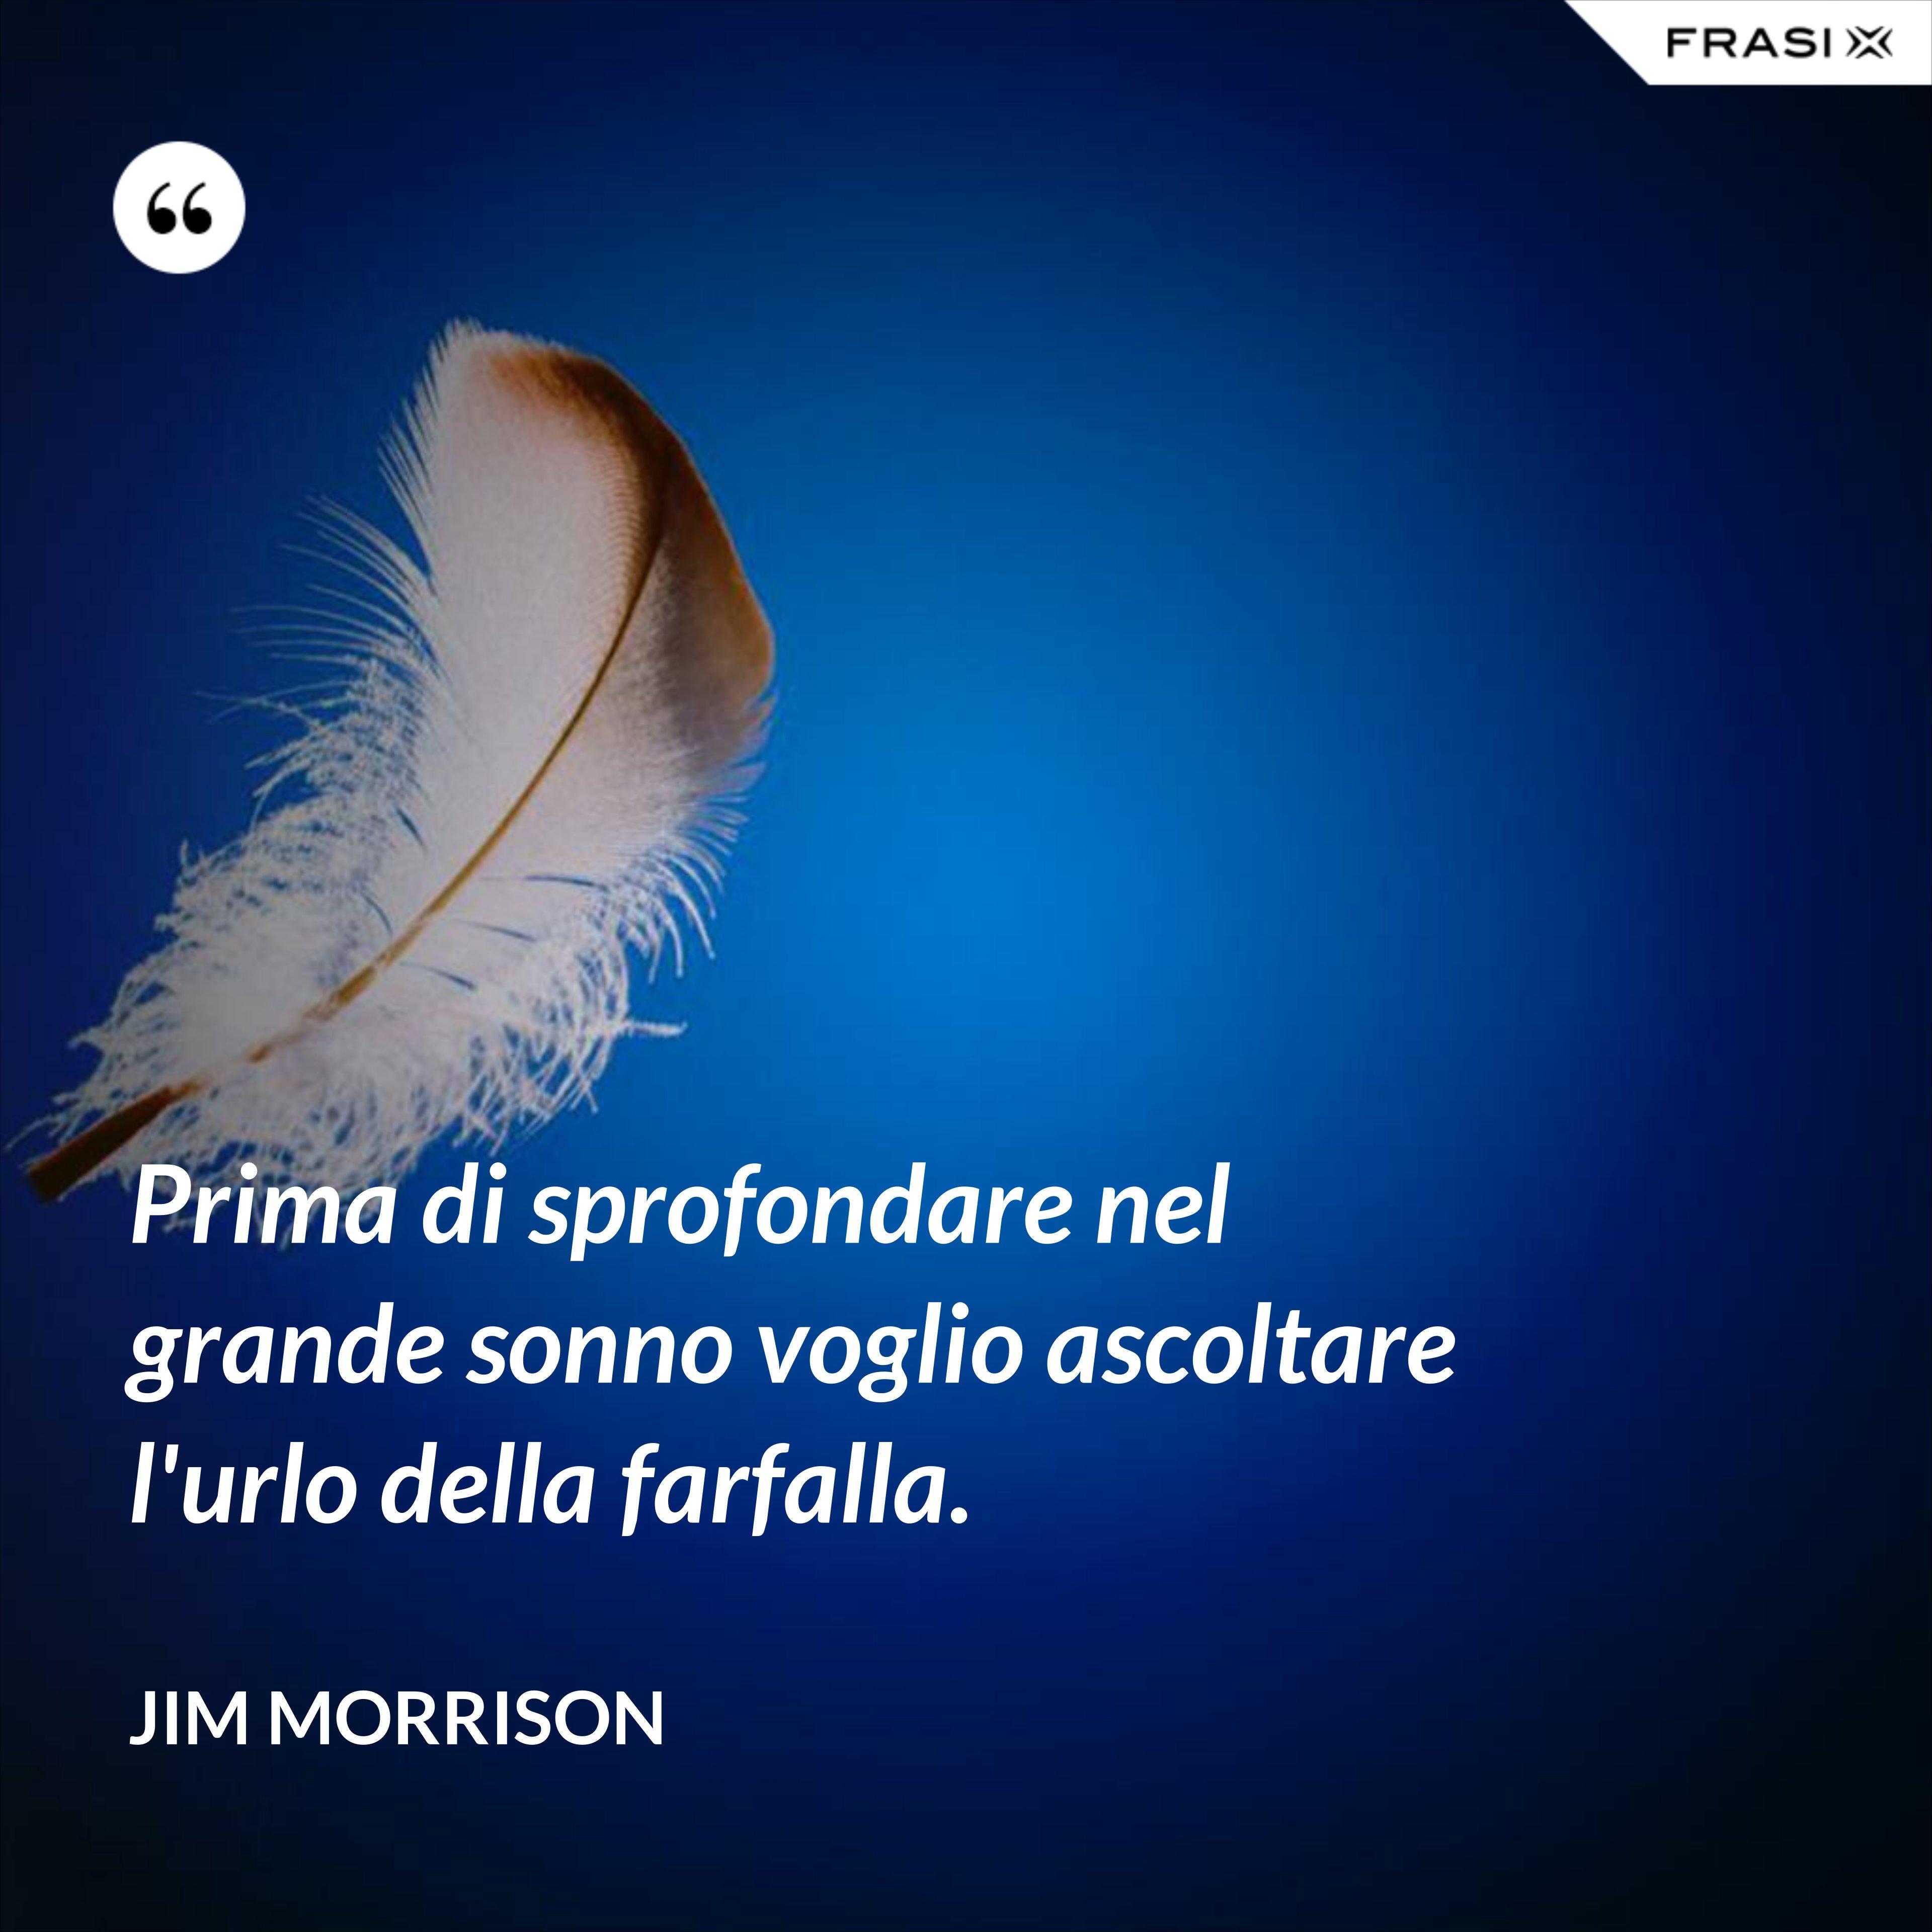 Prima di sprofondare nel grande sonno voglio ascoltare l'urlo della farfalla. - Jim Morrison